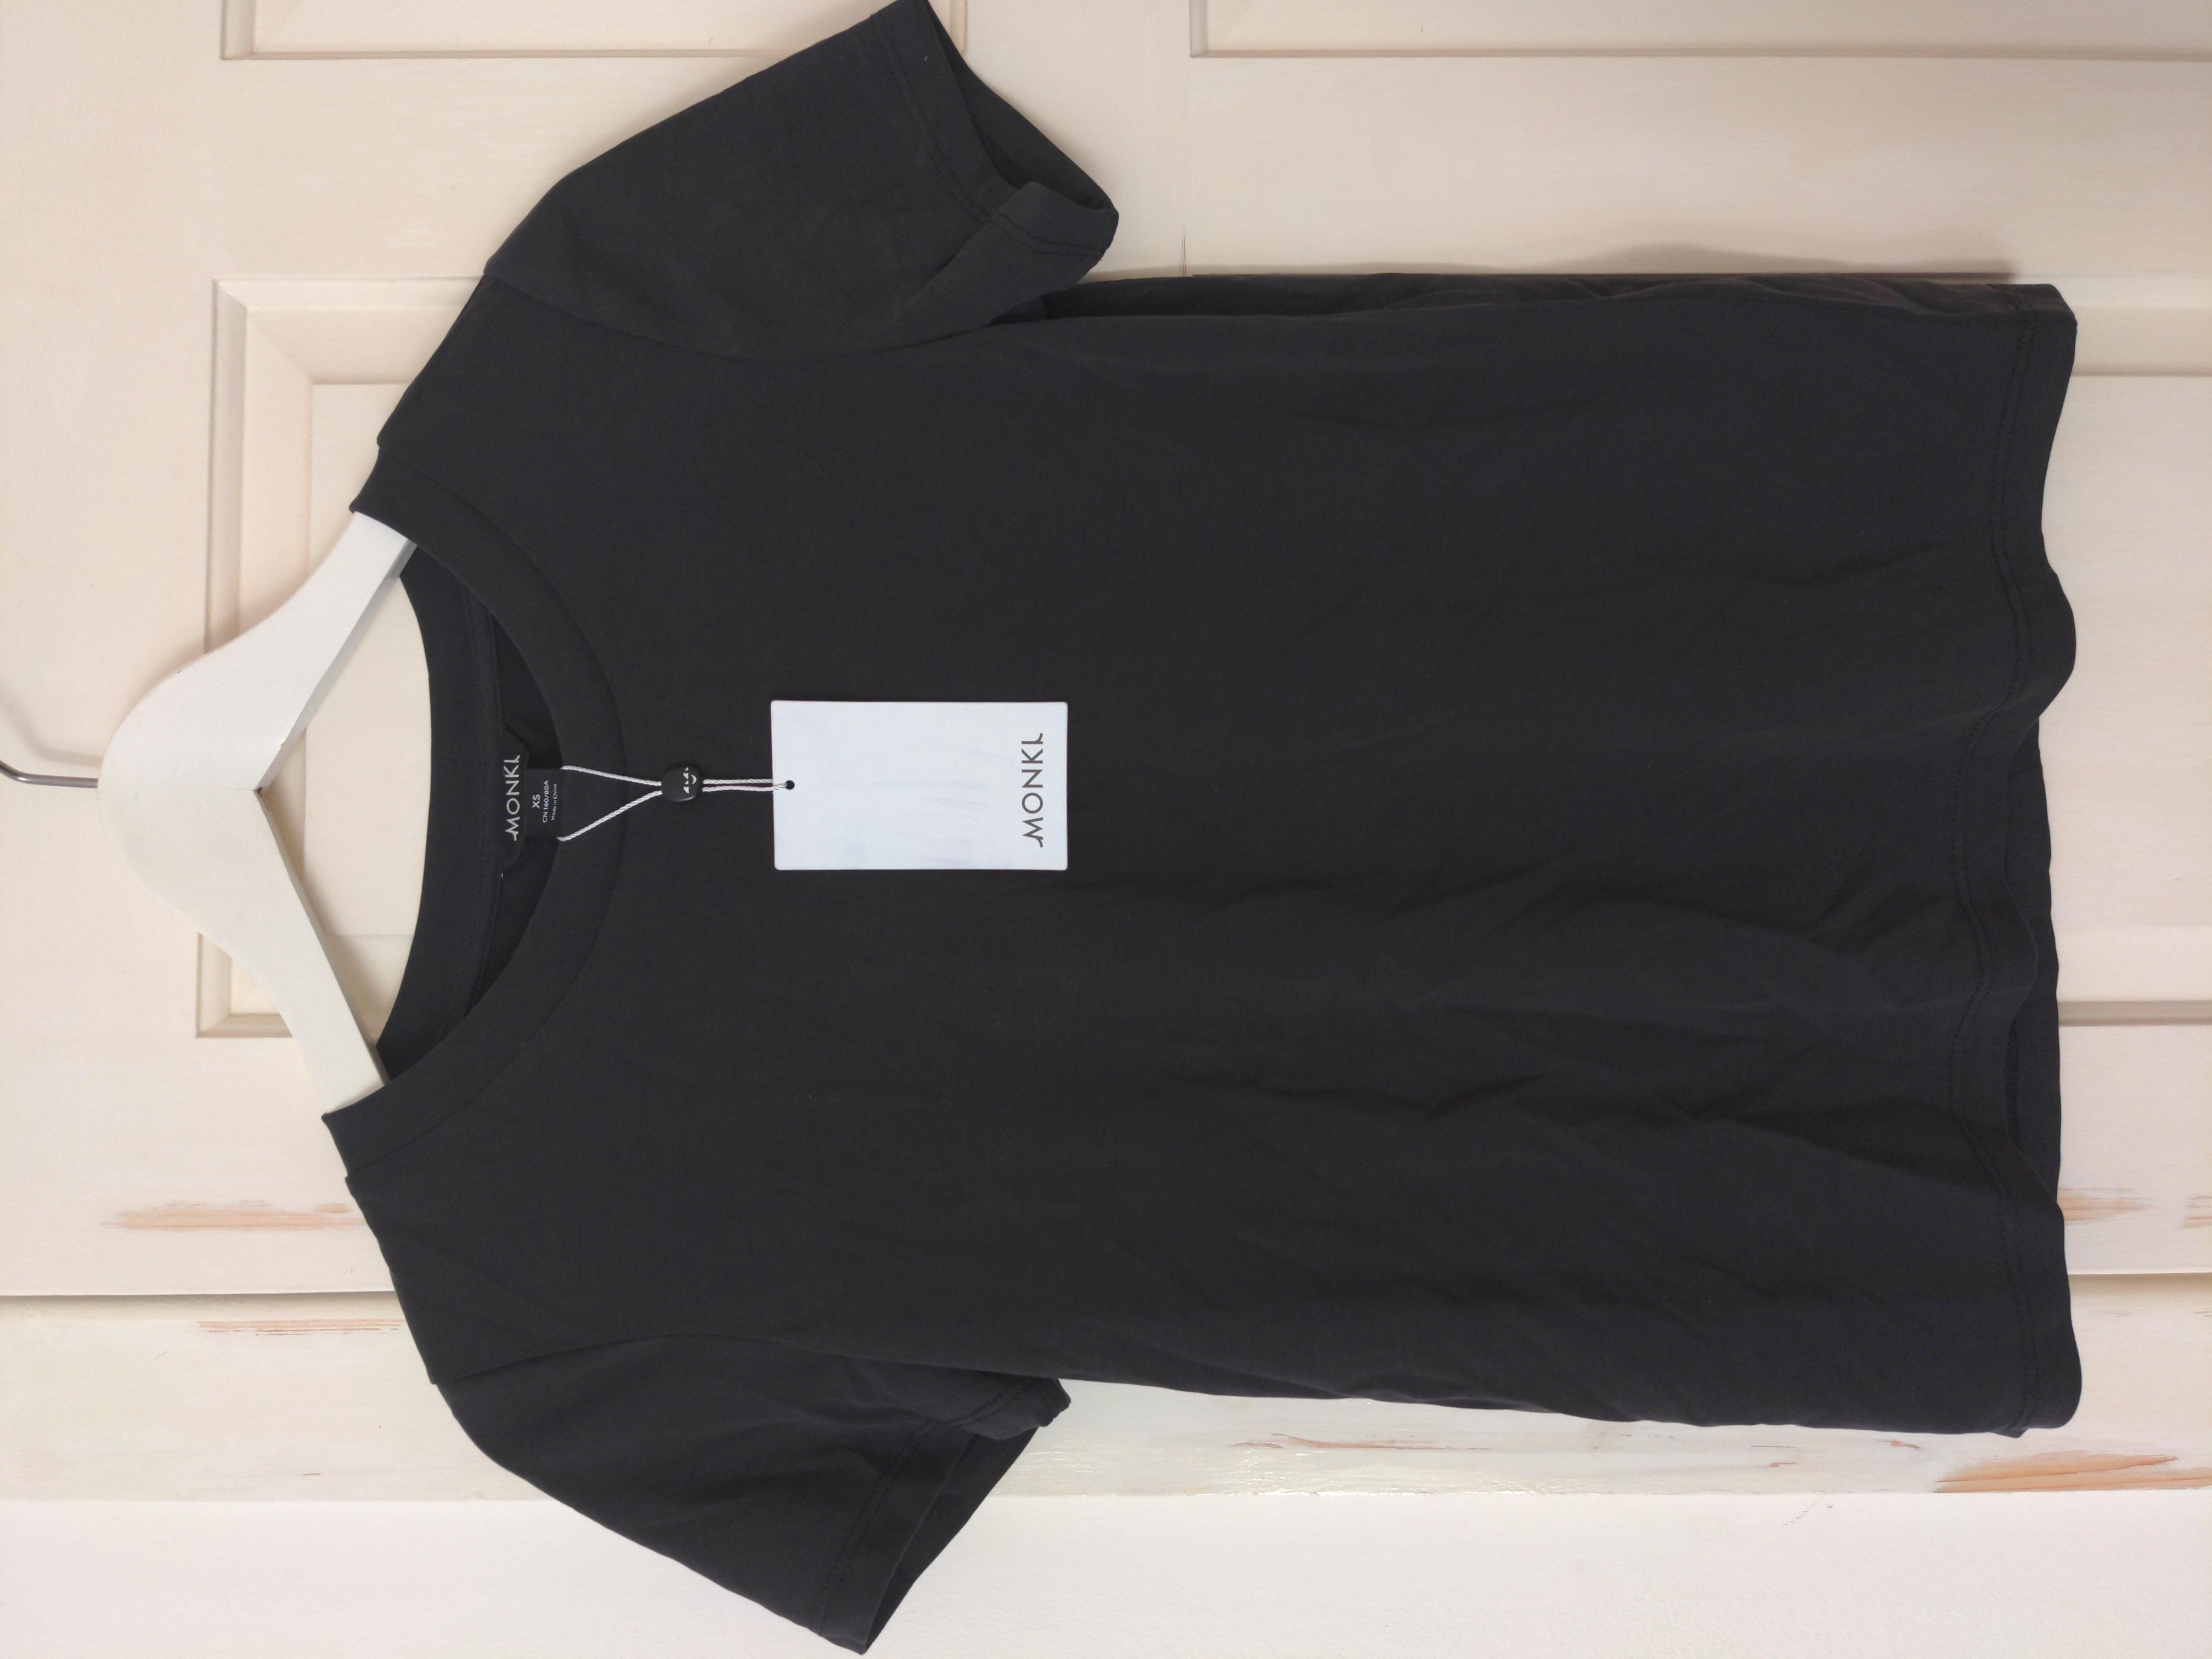 Image of Monki Brand New! Black Super Soft Modal T-Shirt